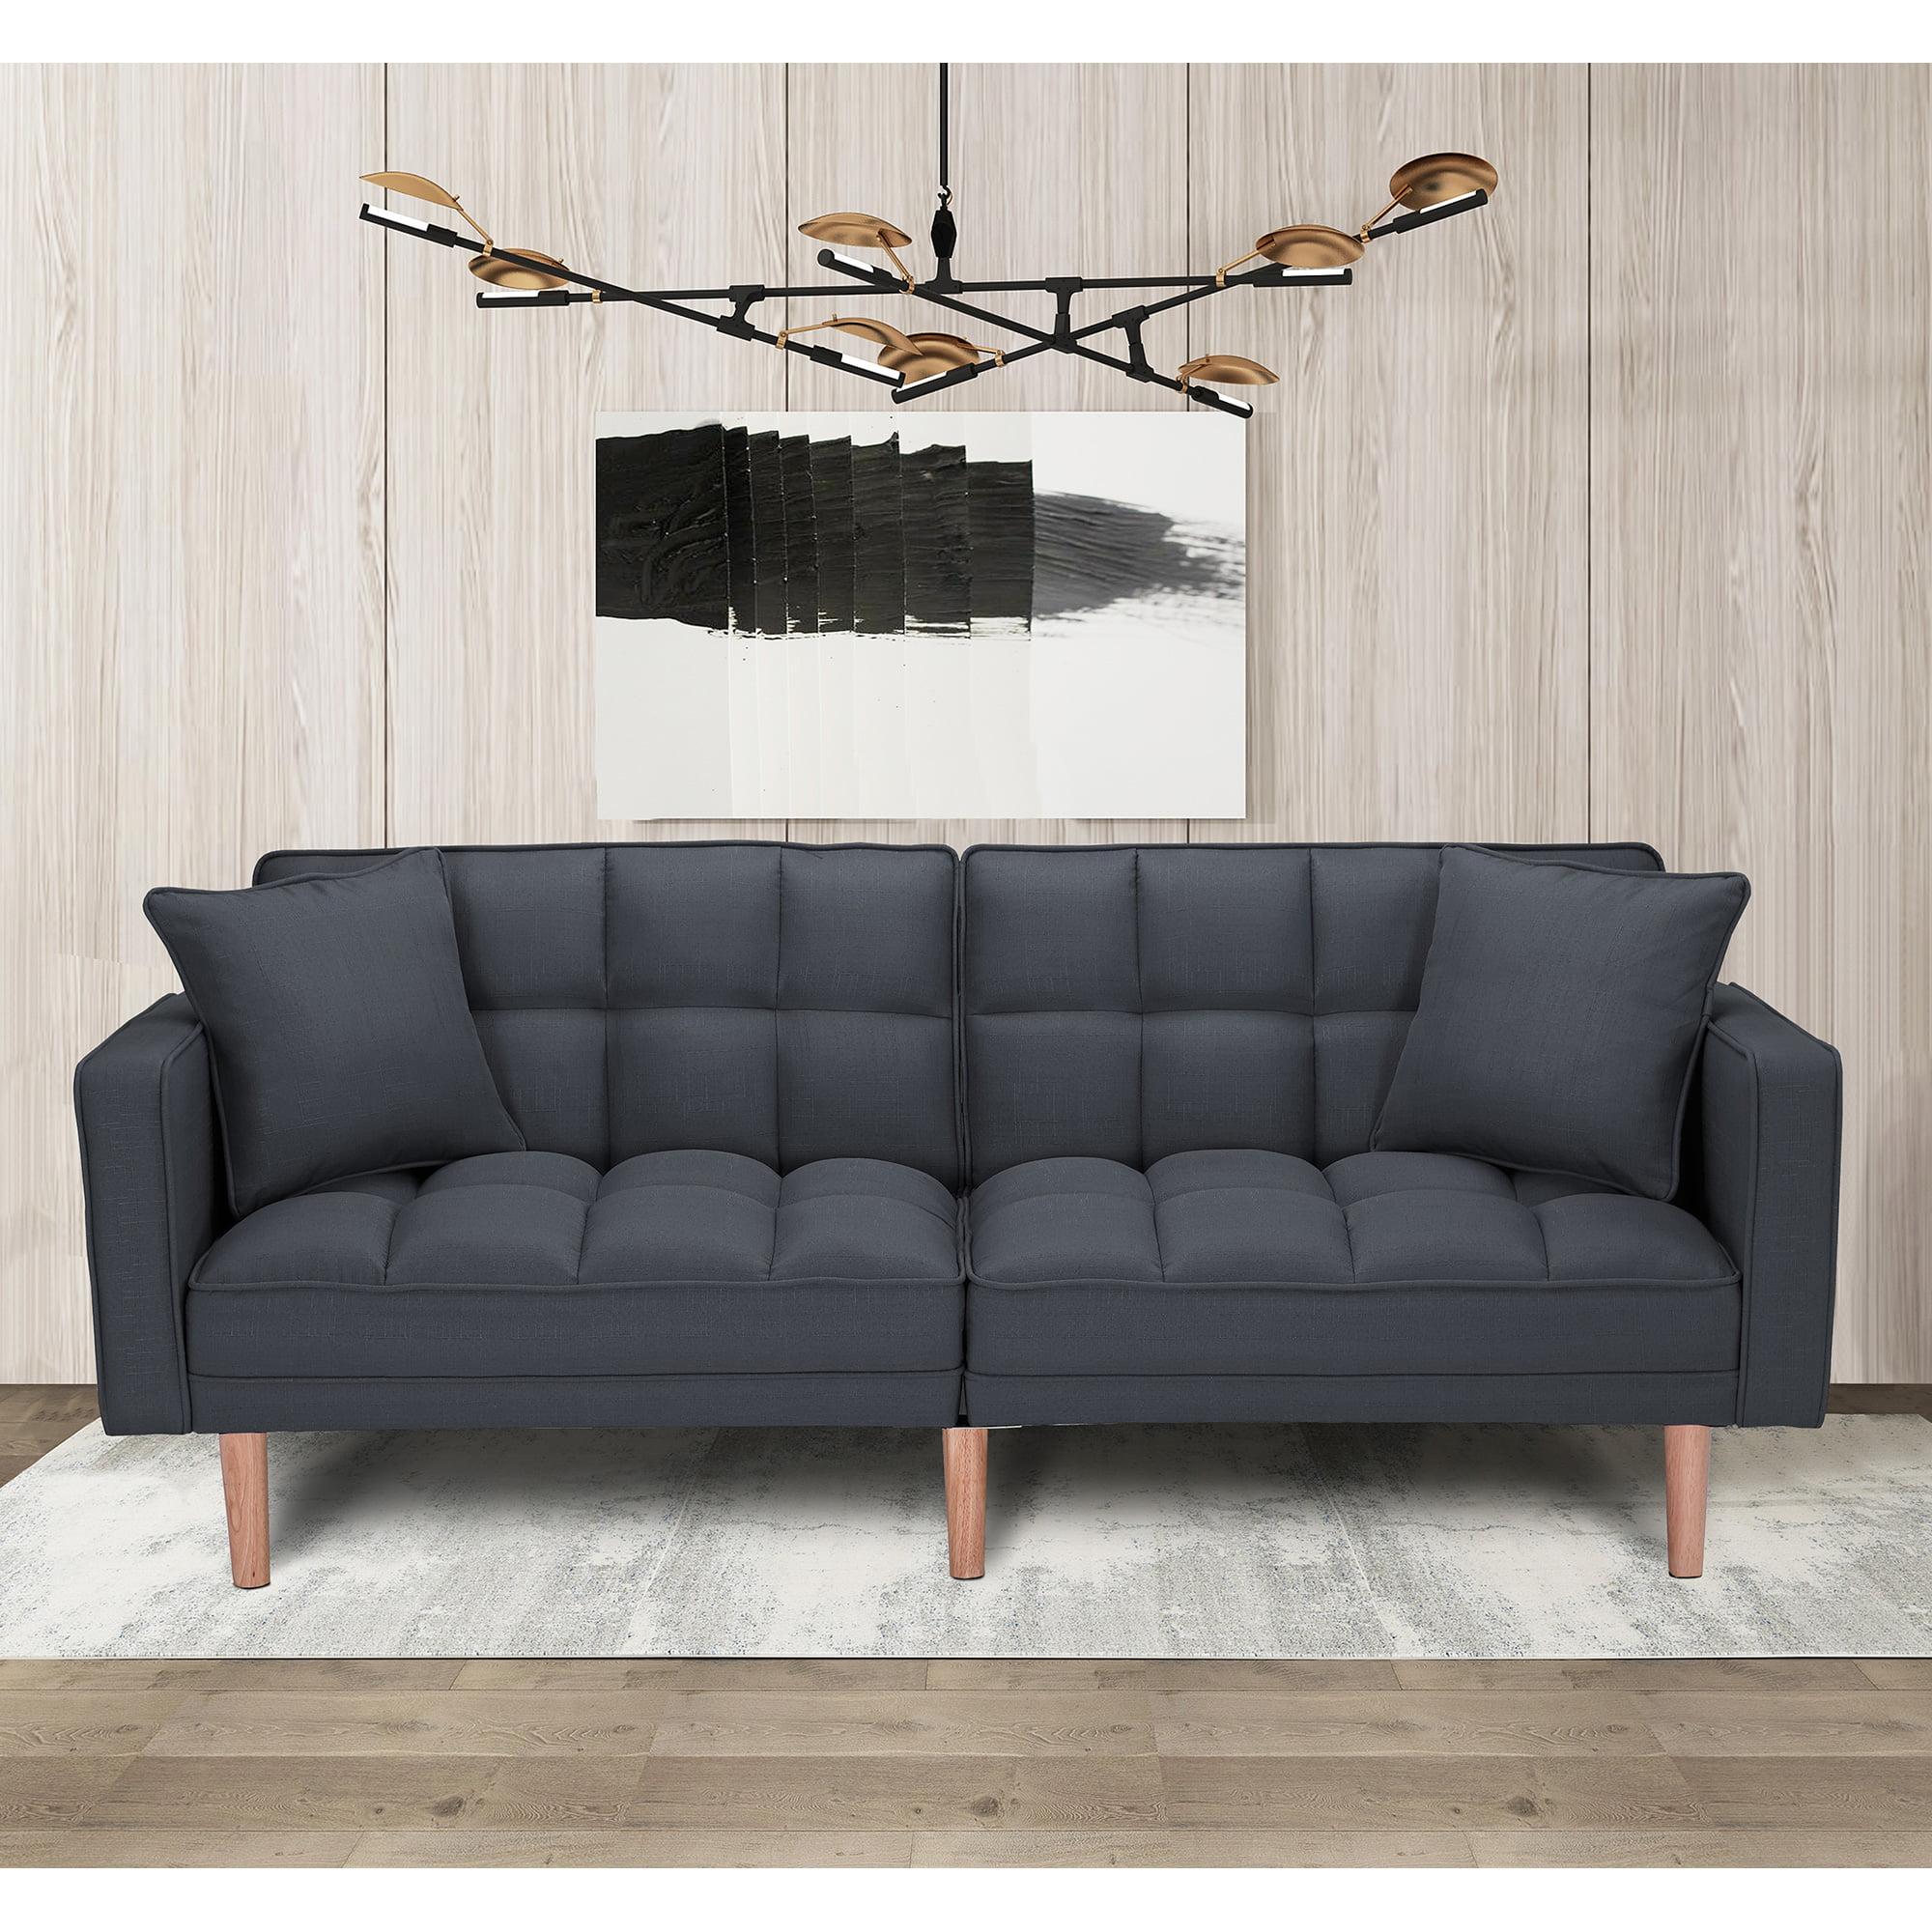 Hommoo Convertible Futon Sofa Bed, Sleeper Sofa With 2 ...